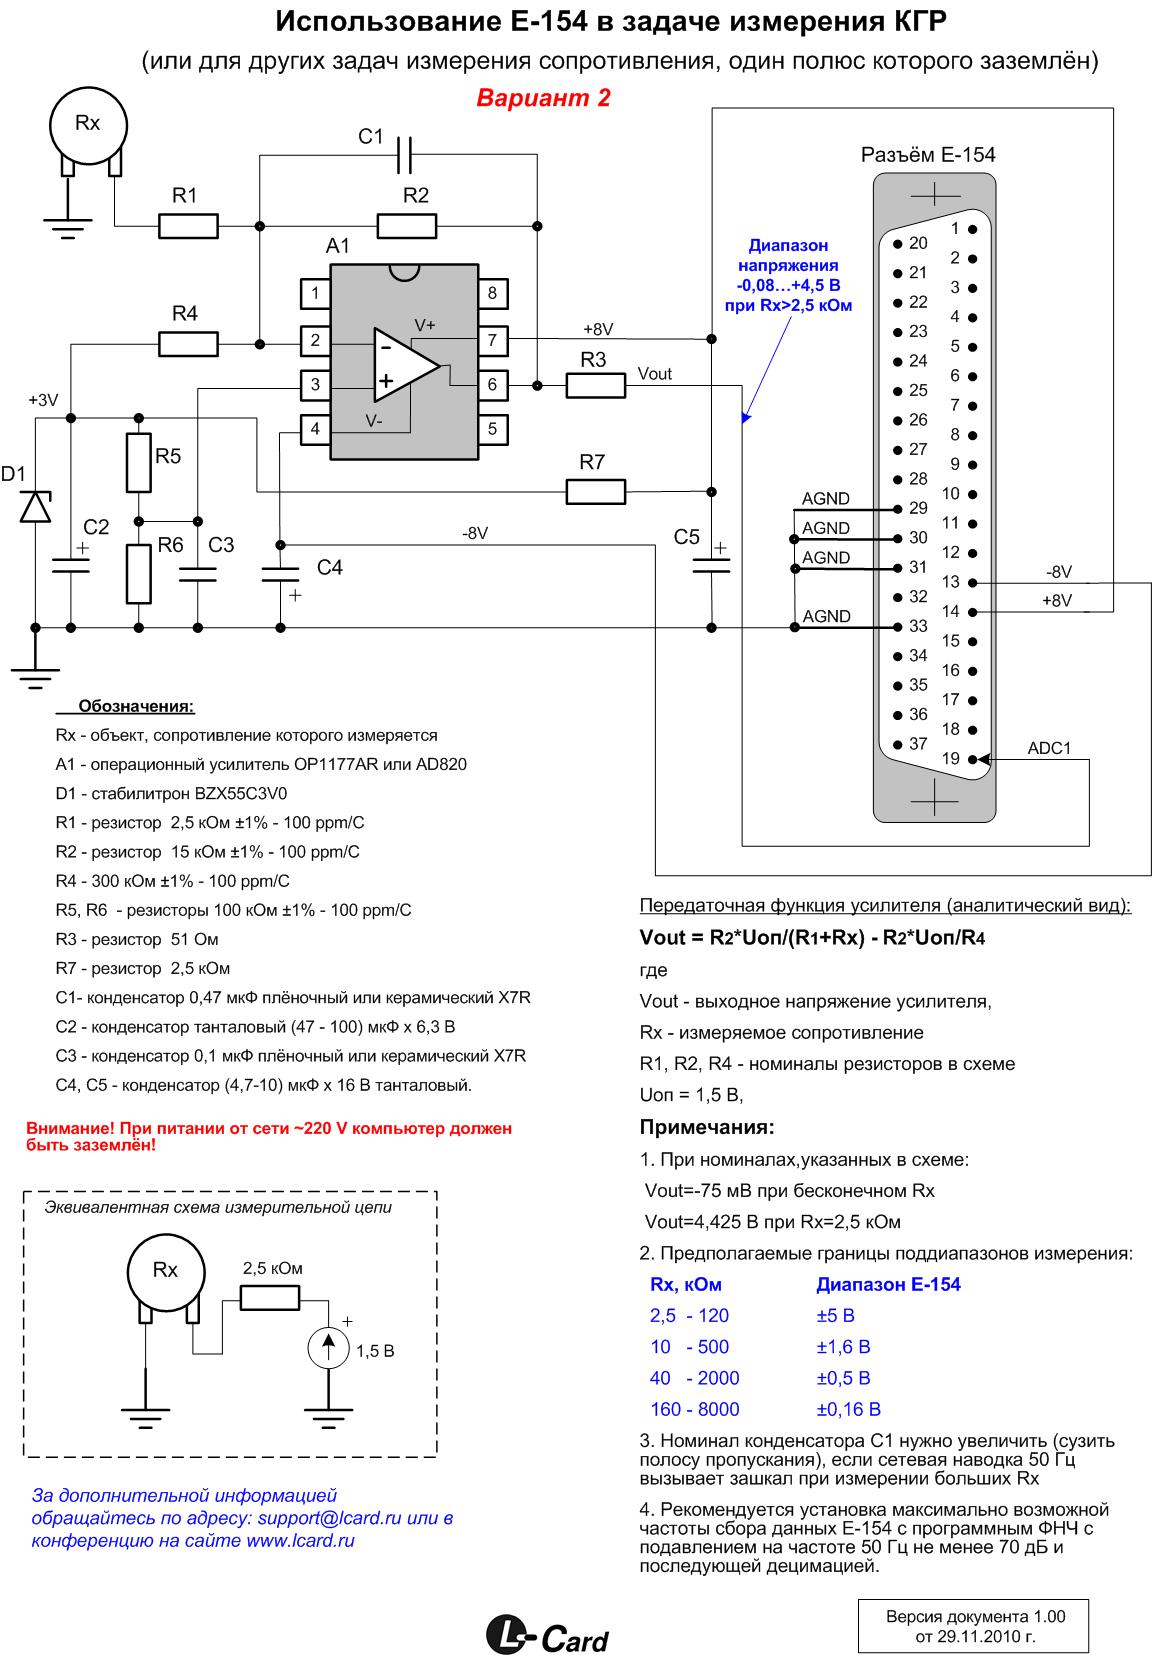 Использование E-154 в задаче измерения КГР